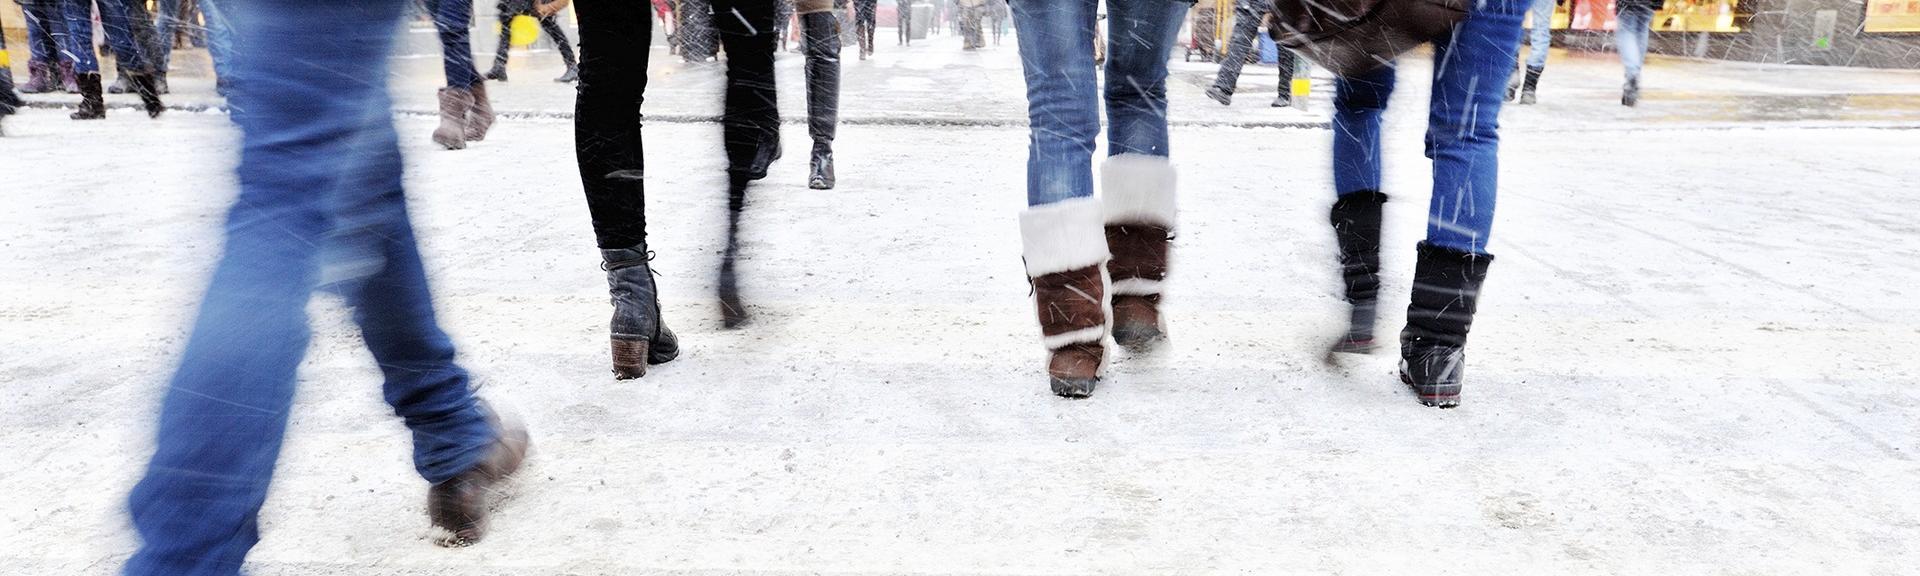 Marche sur la neige